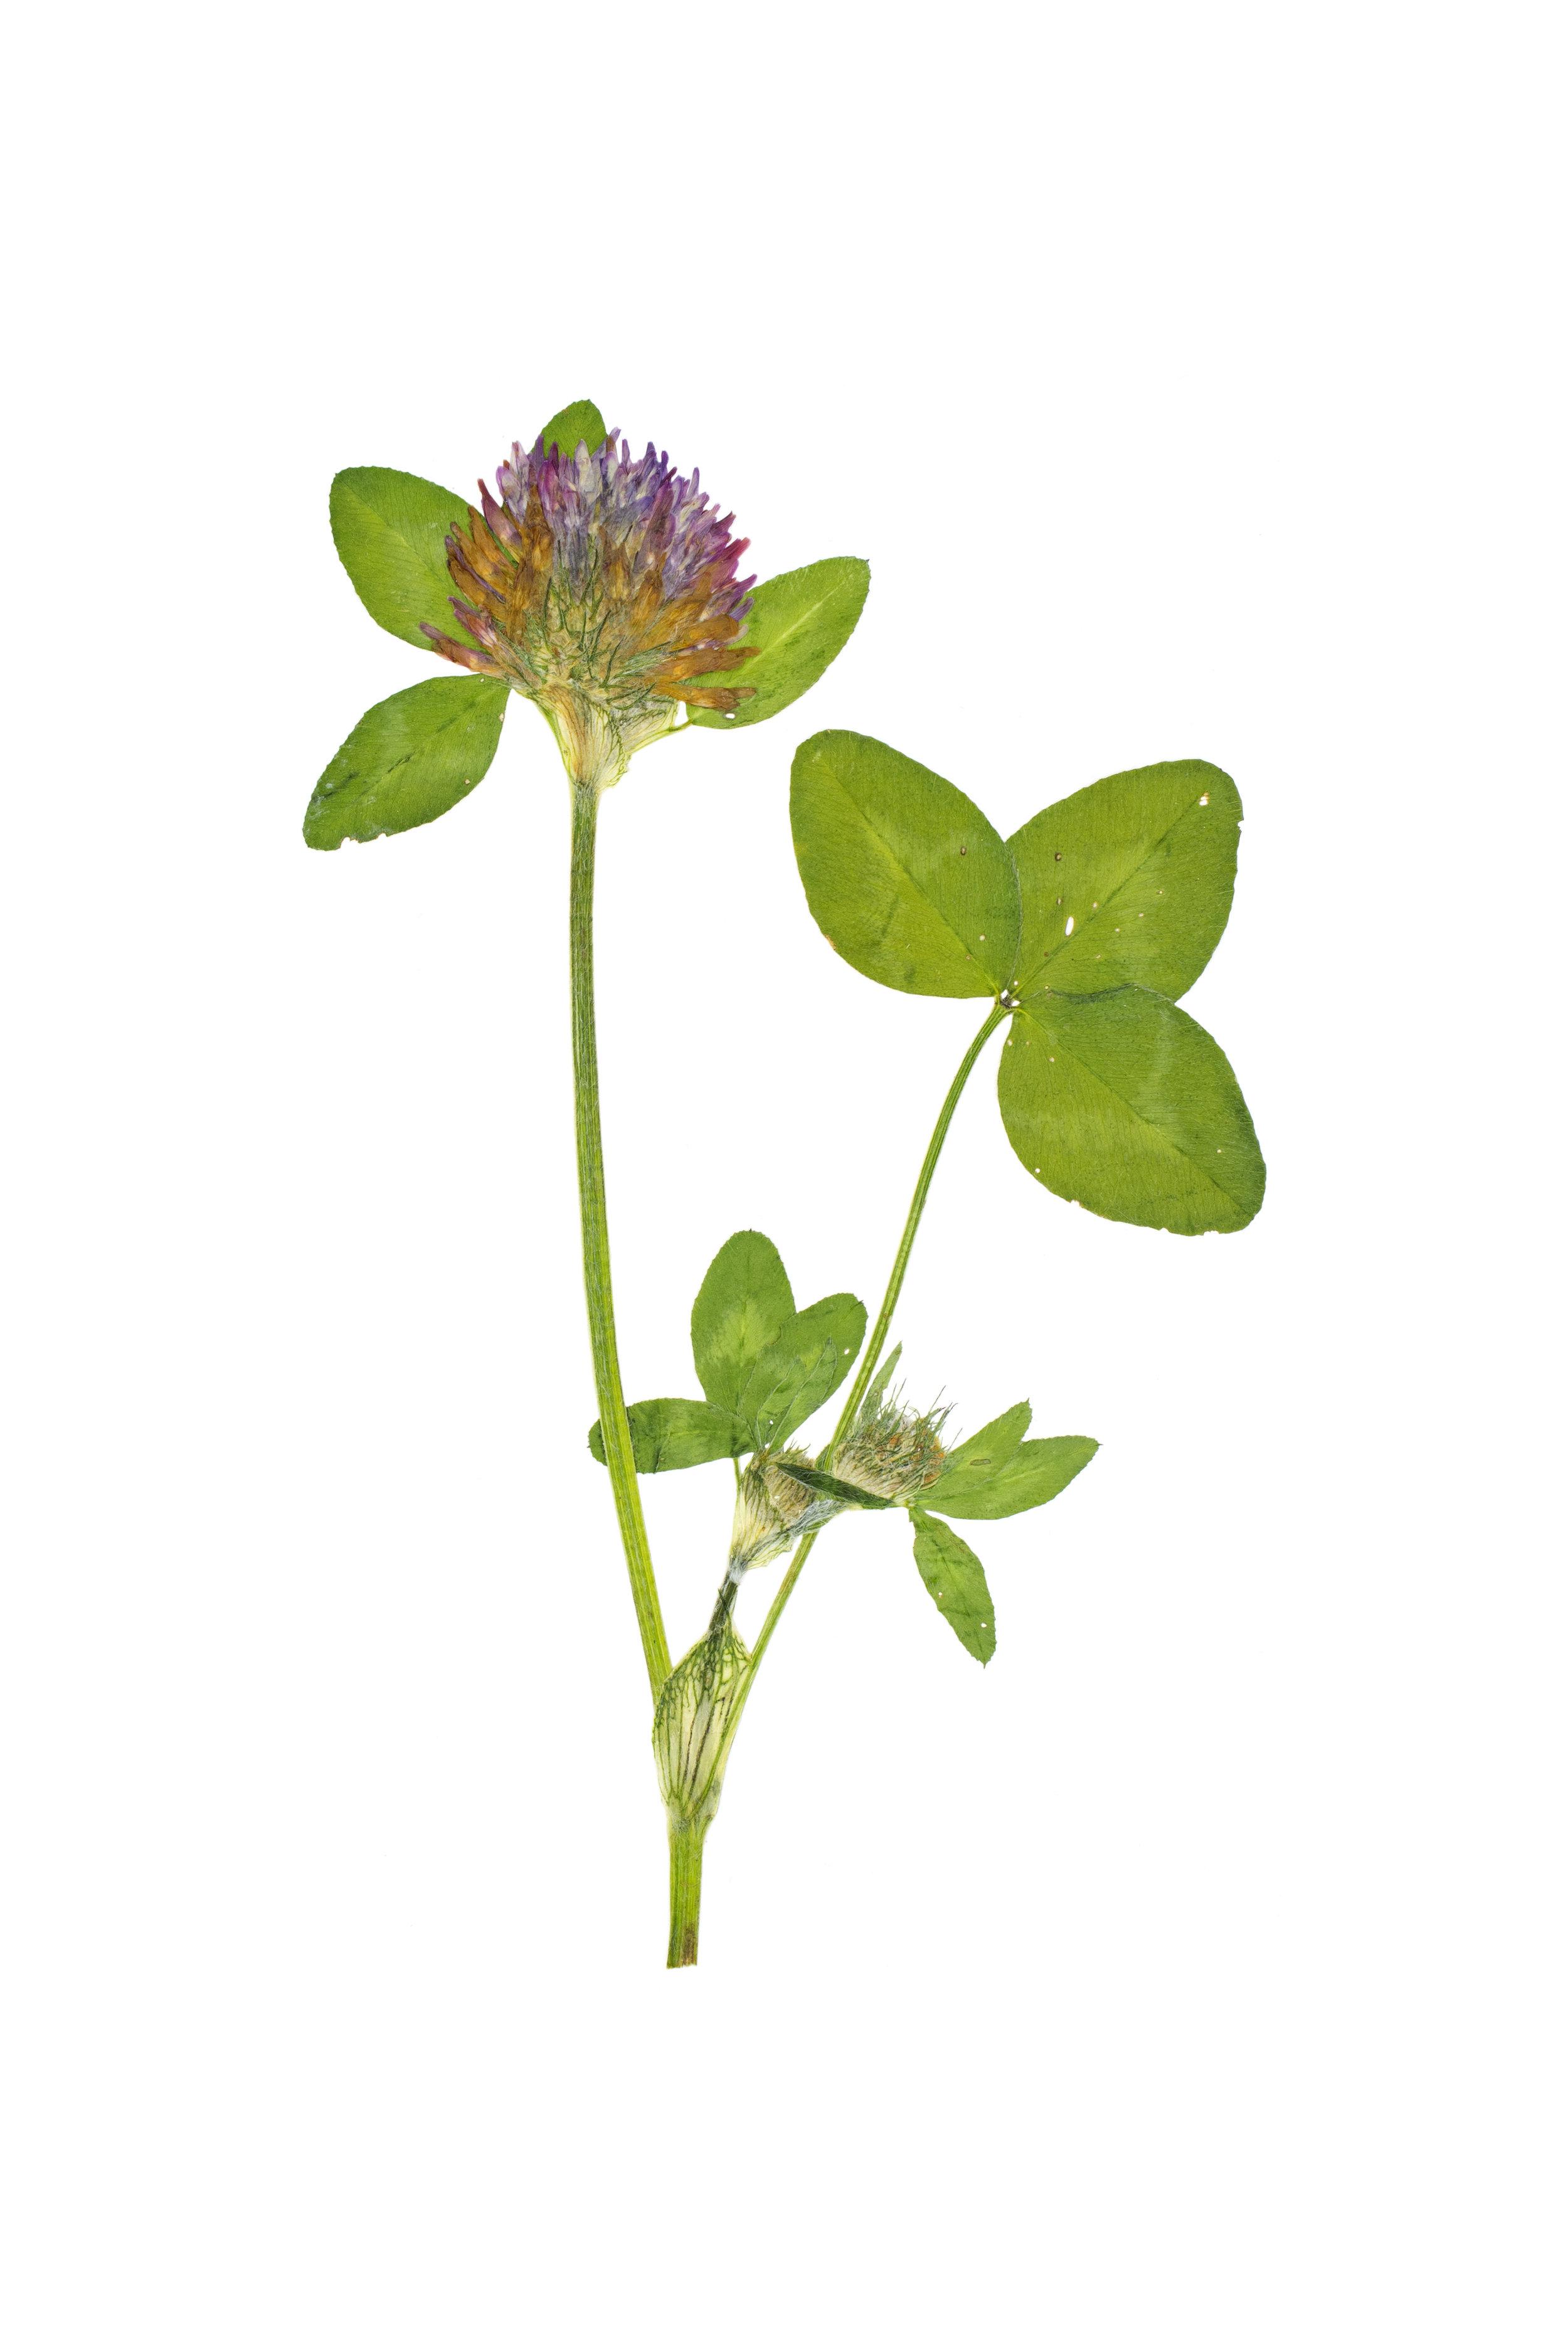 Red Clover / Trifolium pratense